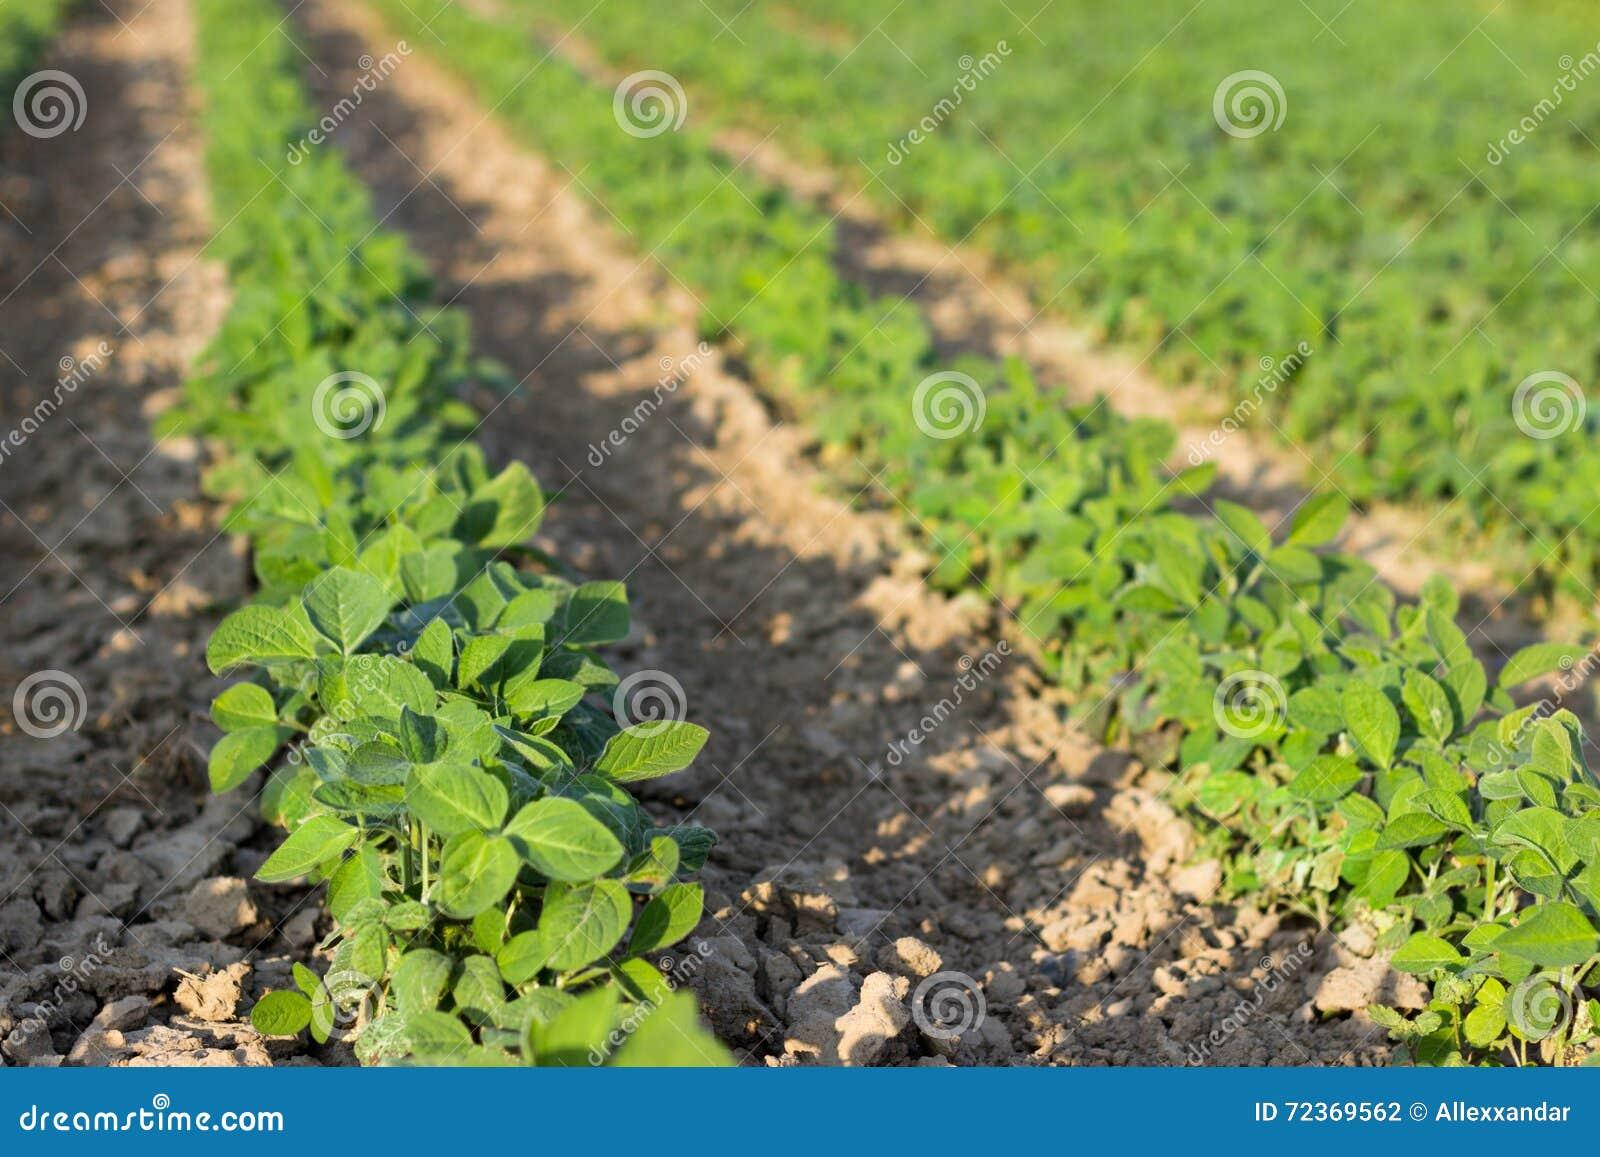 年轻大豆植物行领域大豆的在夏天调遣行